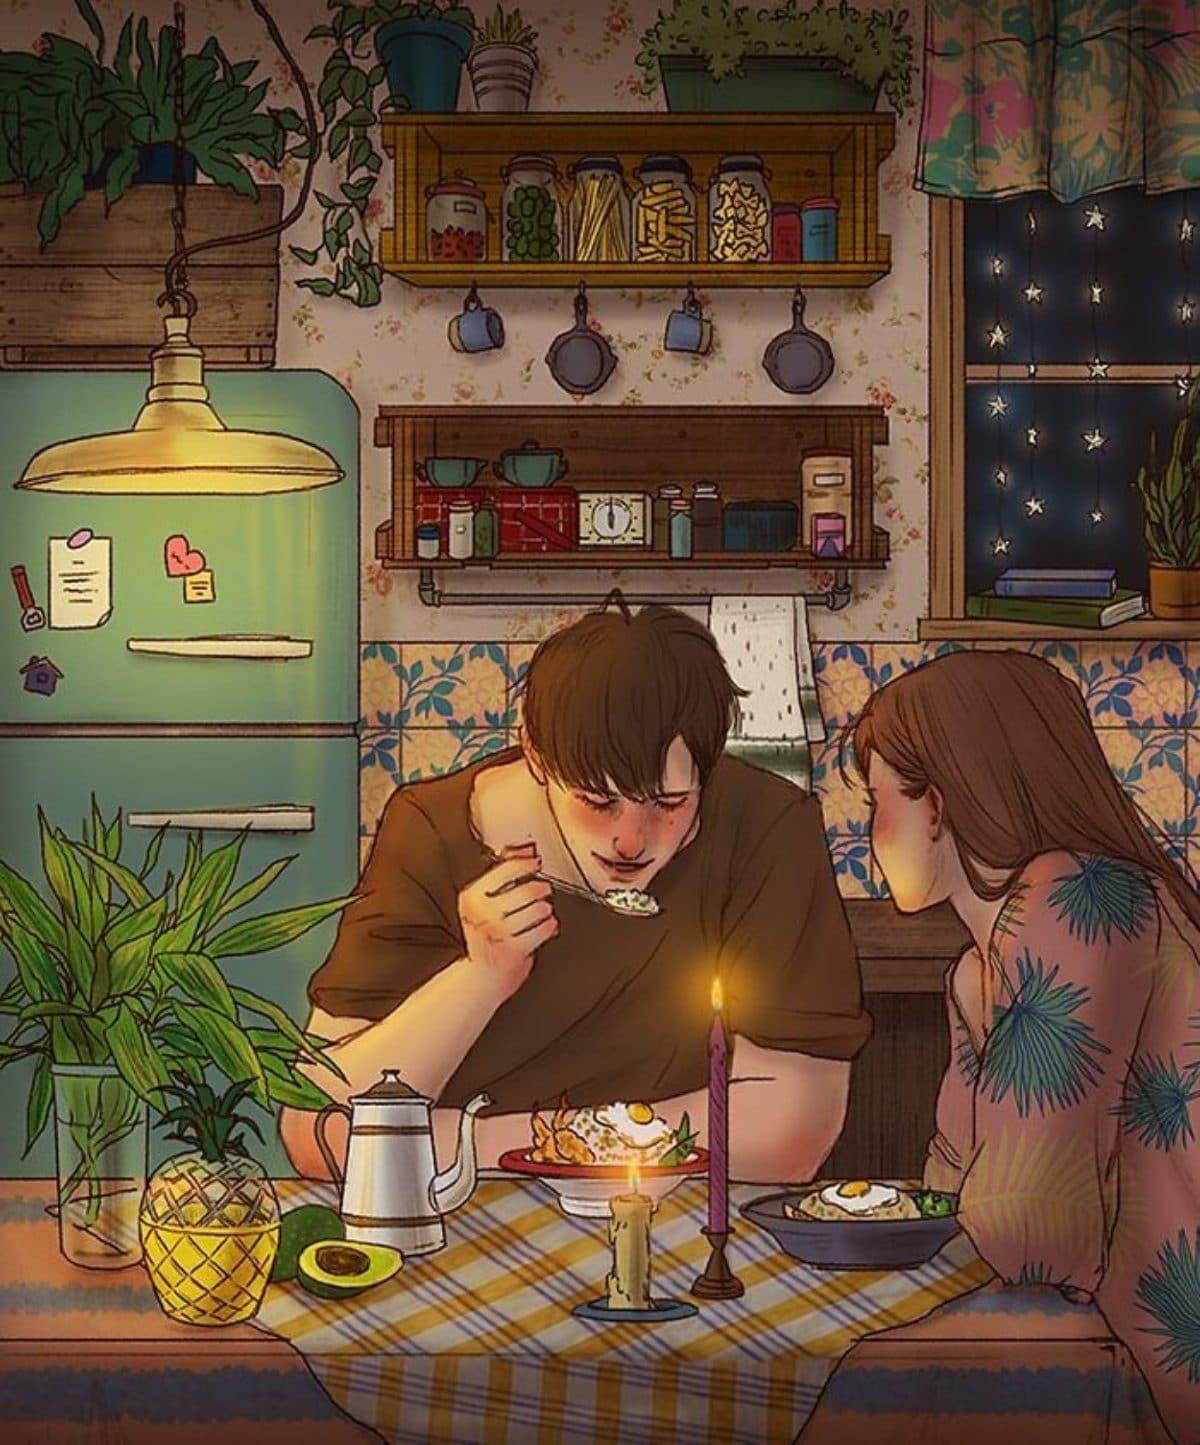 Le cose belle che rendono unico l 39 innamorarsi di un 39 altra persona tpi - Cose belle per la casa ...